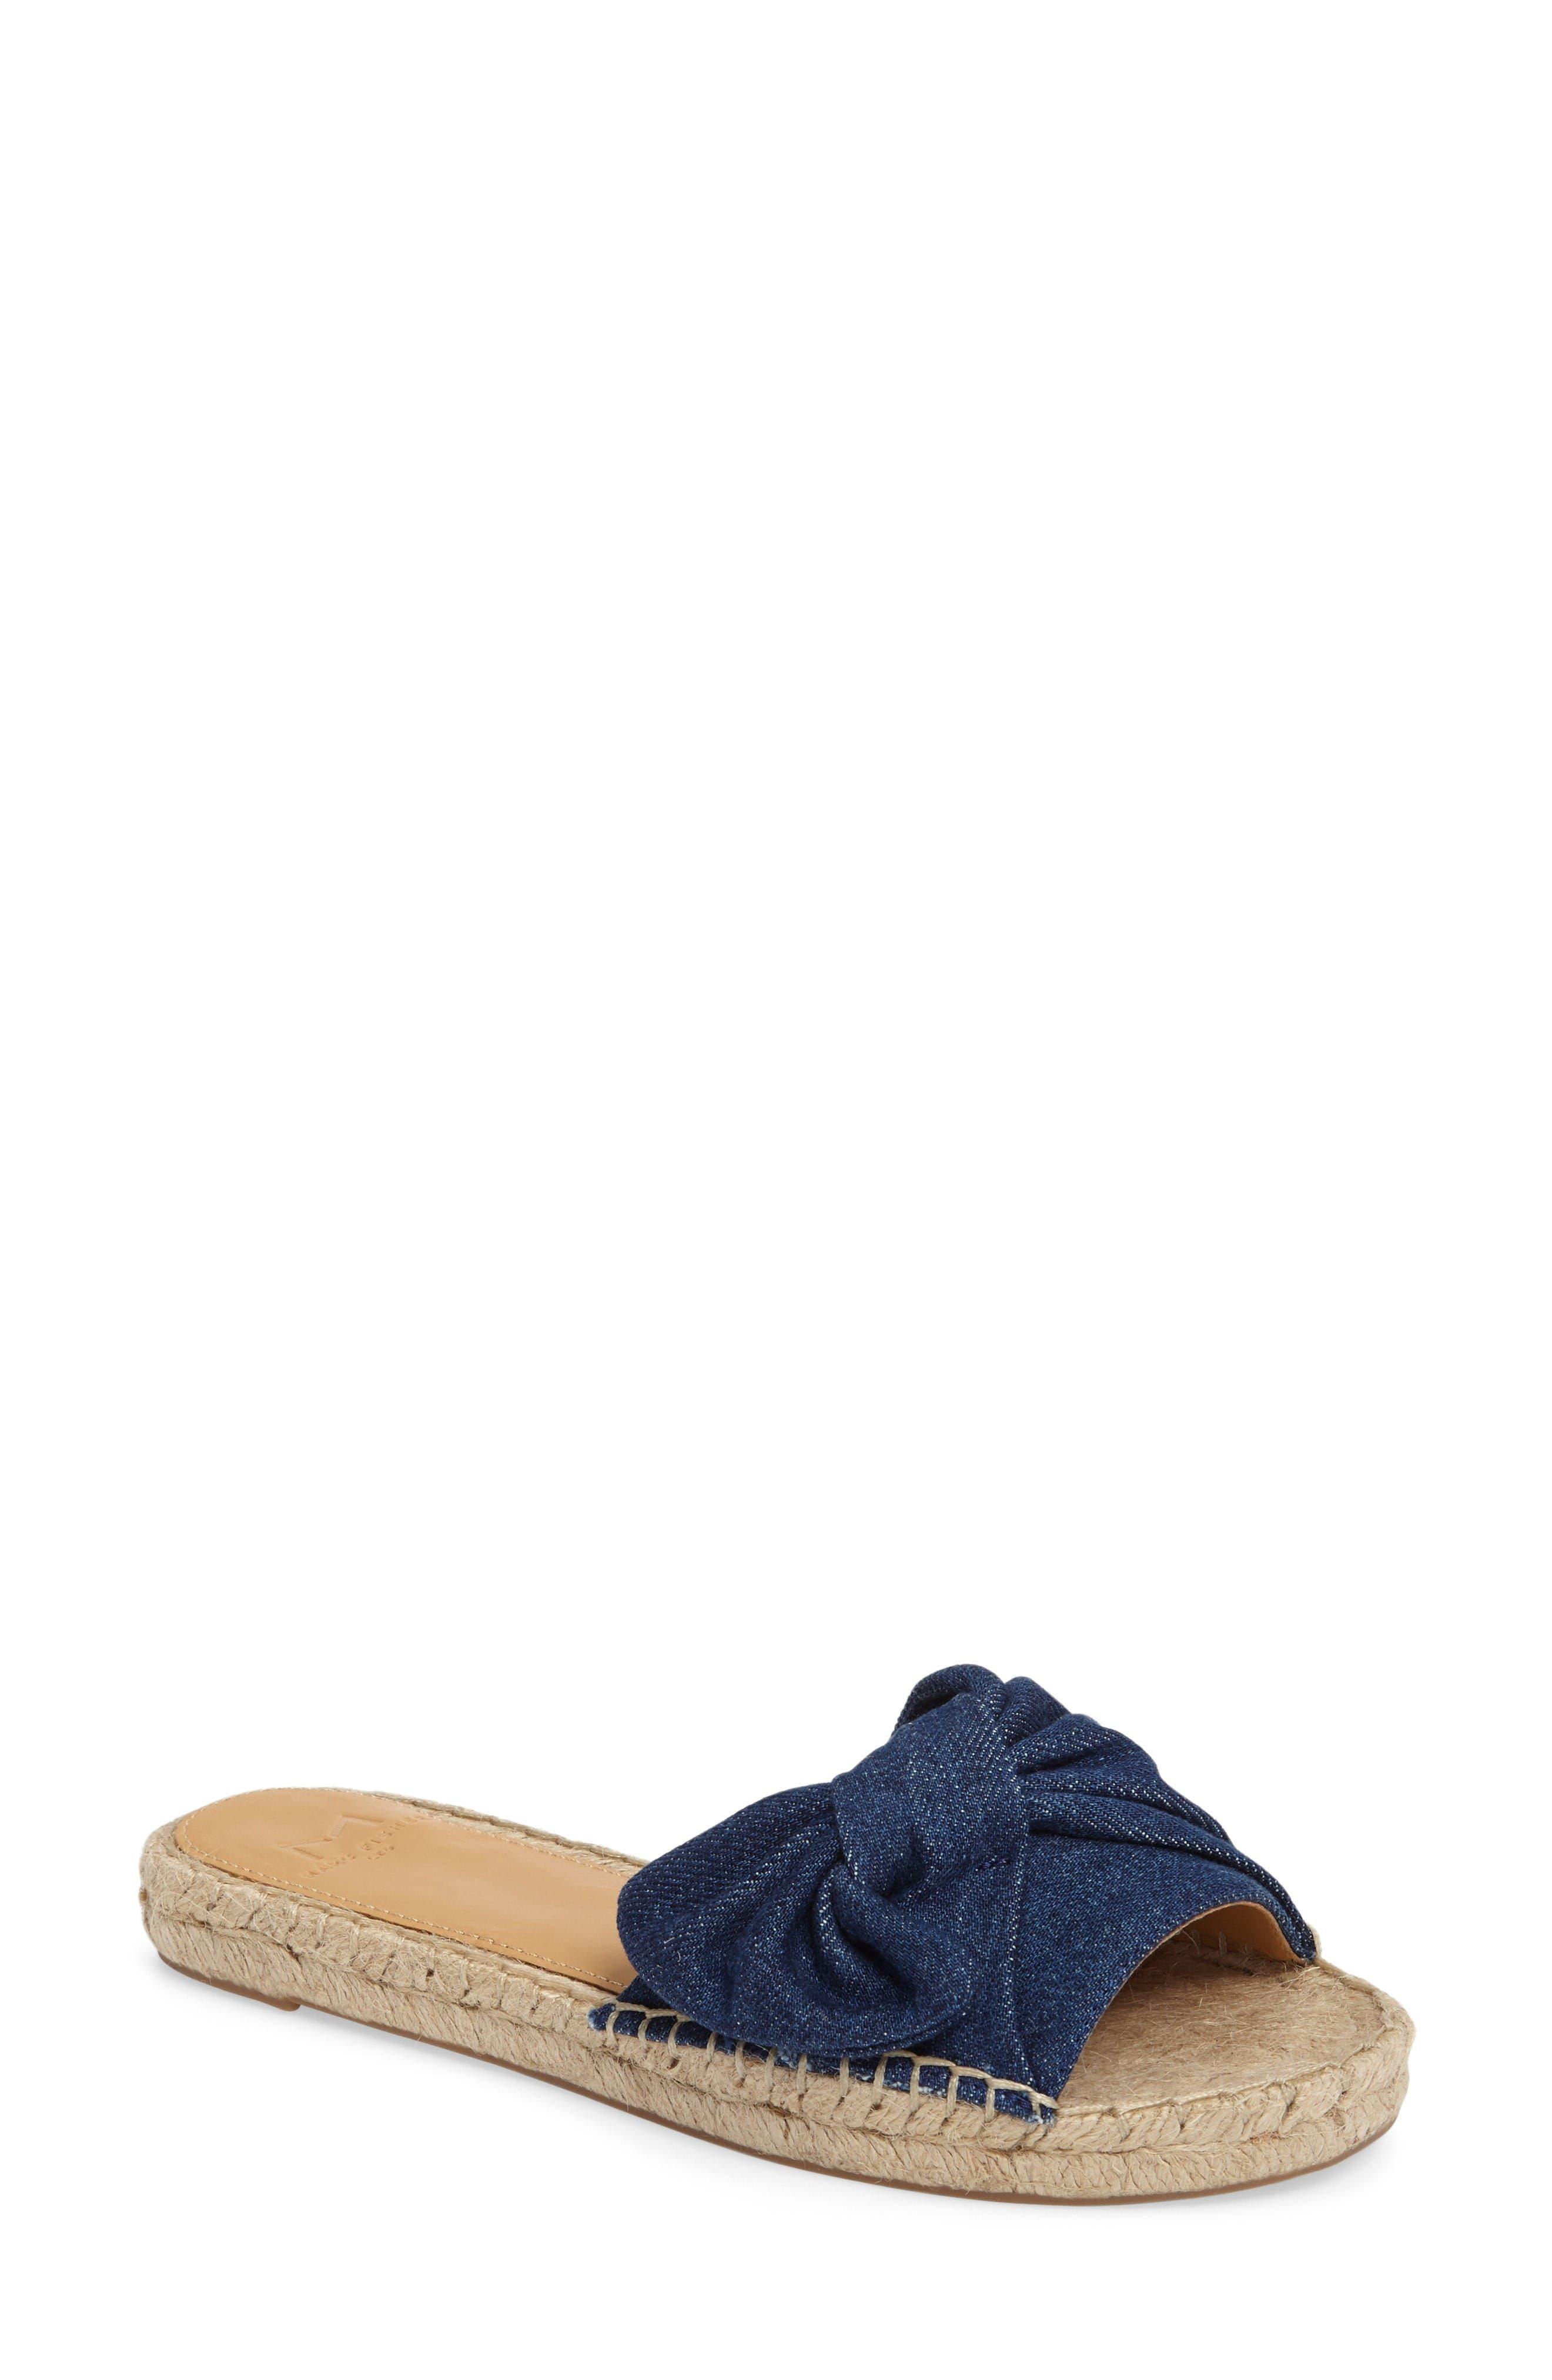 Marc Fisher LTD Valey Espadrille Slide Sandal (Women)